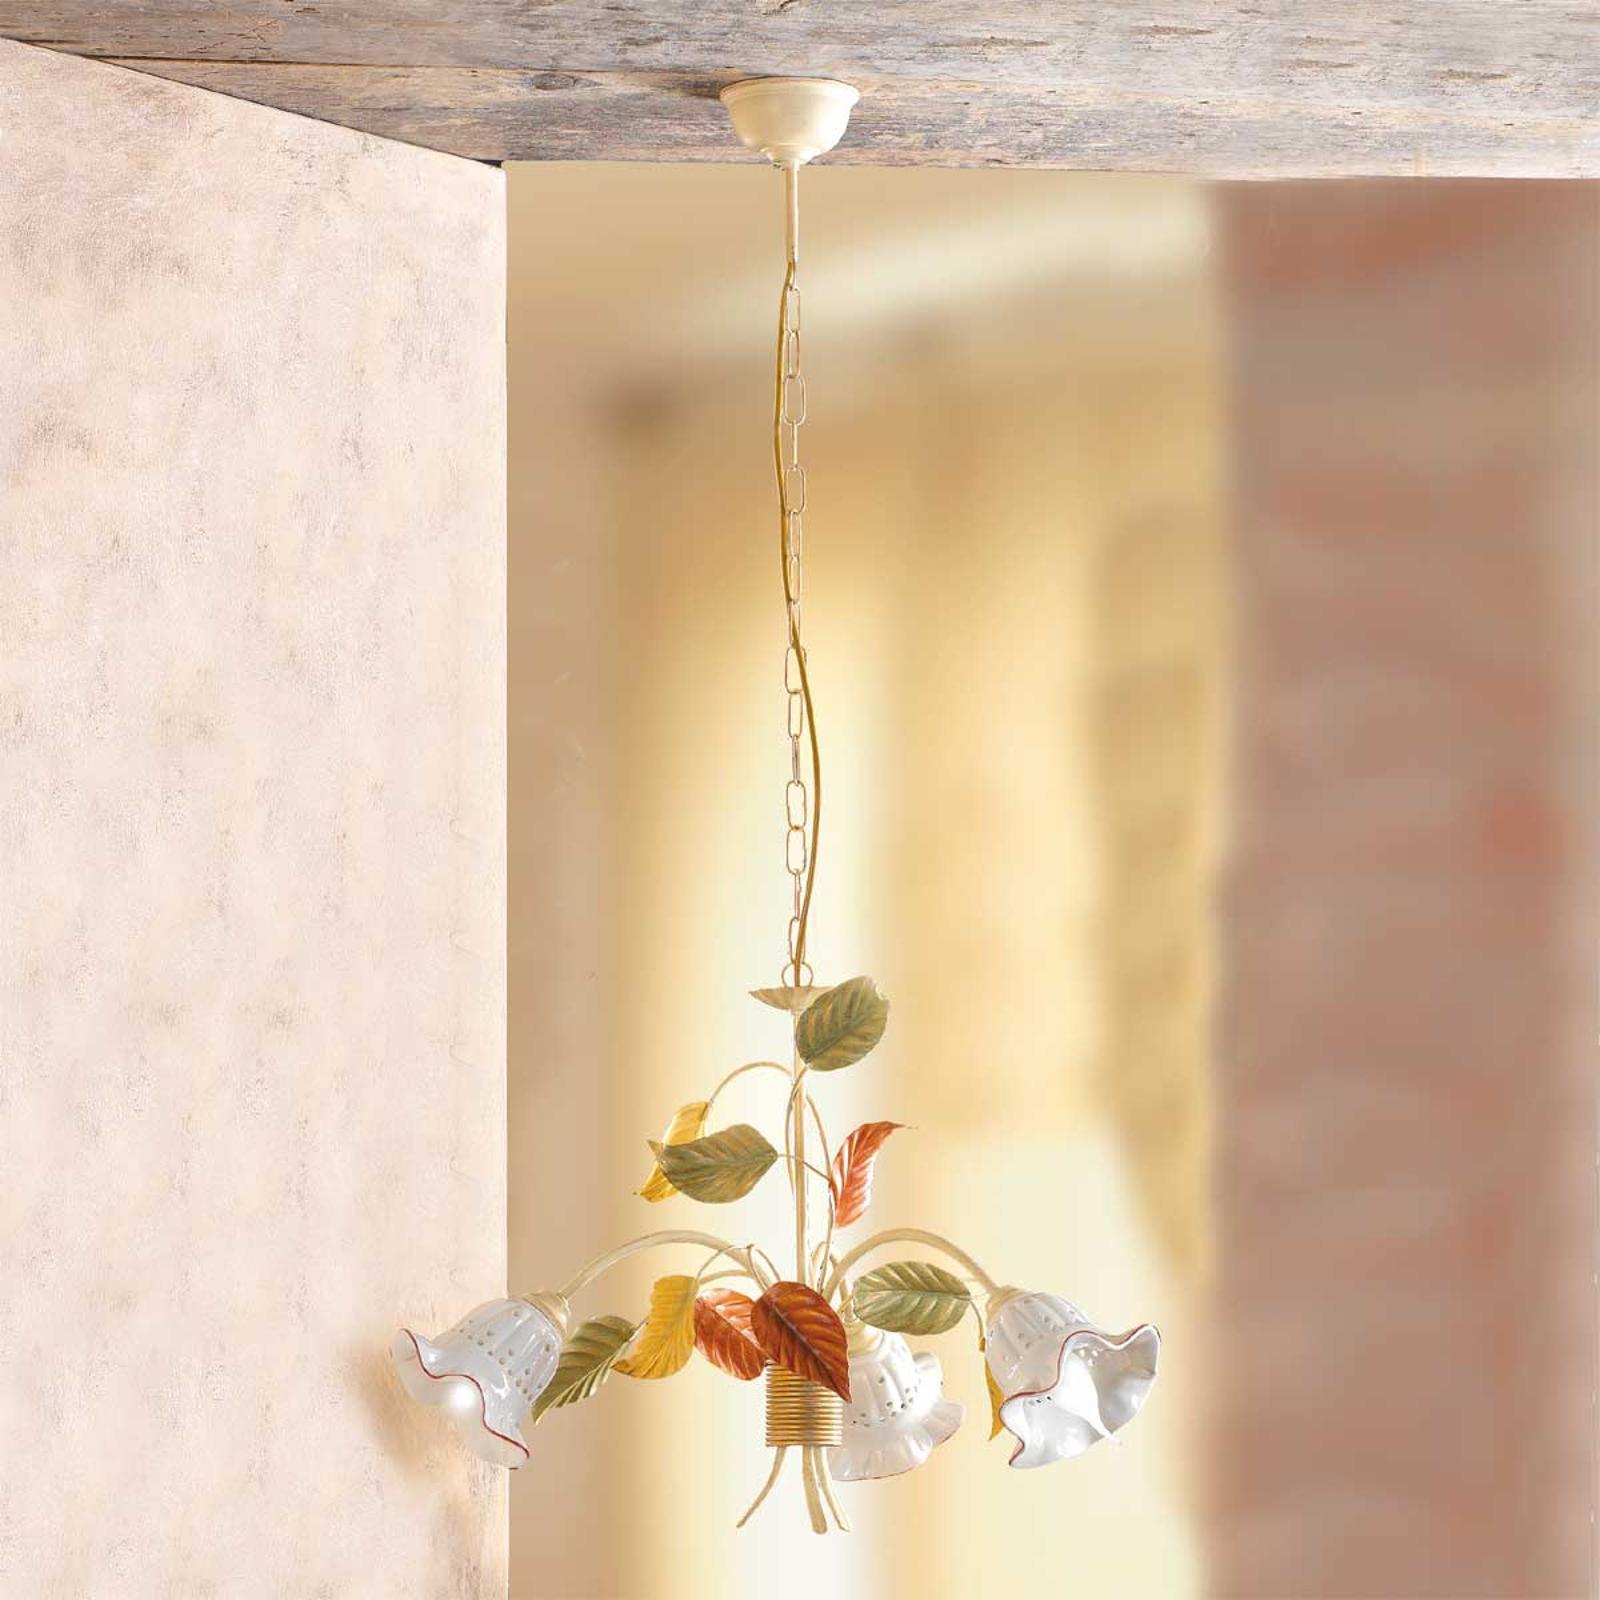 Hängeleuchte Flora im Florentinerstil, dreiflammig